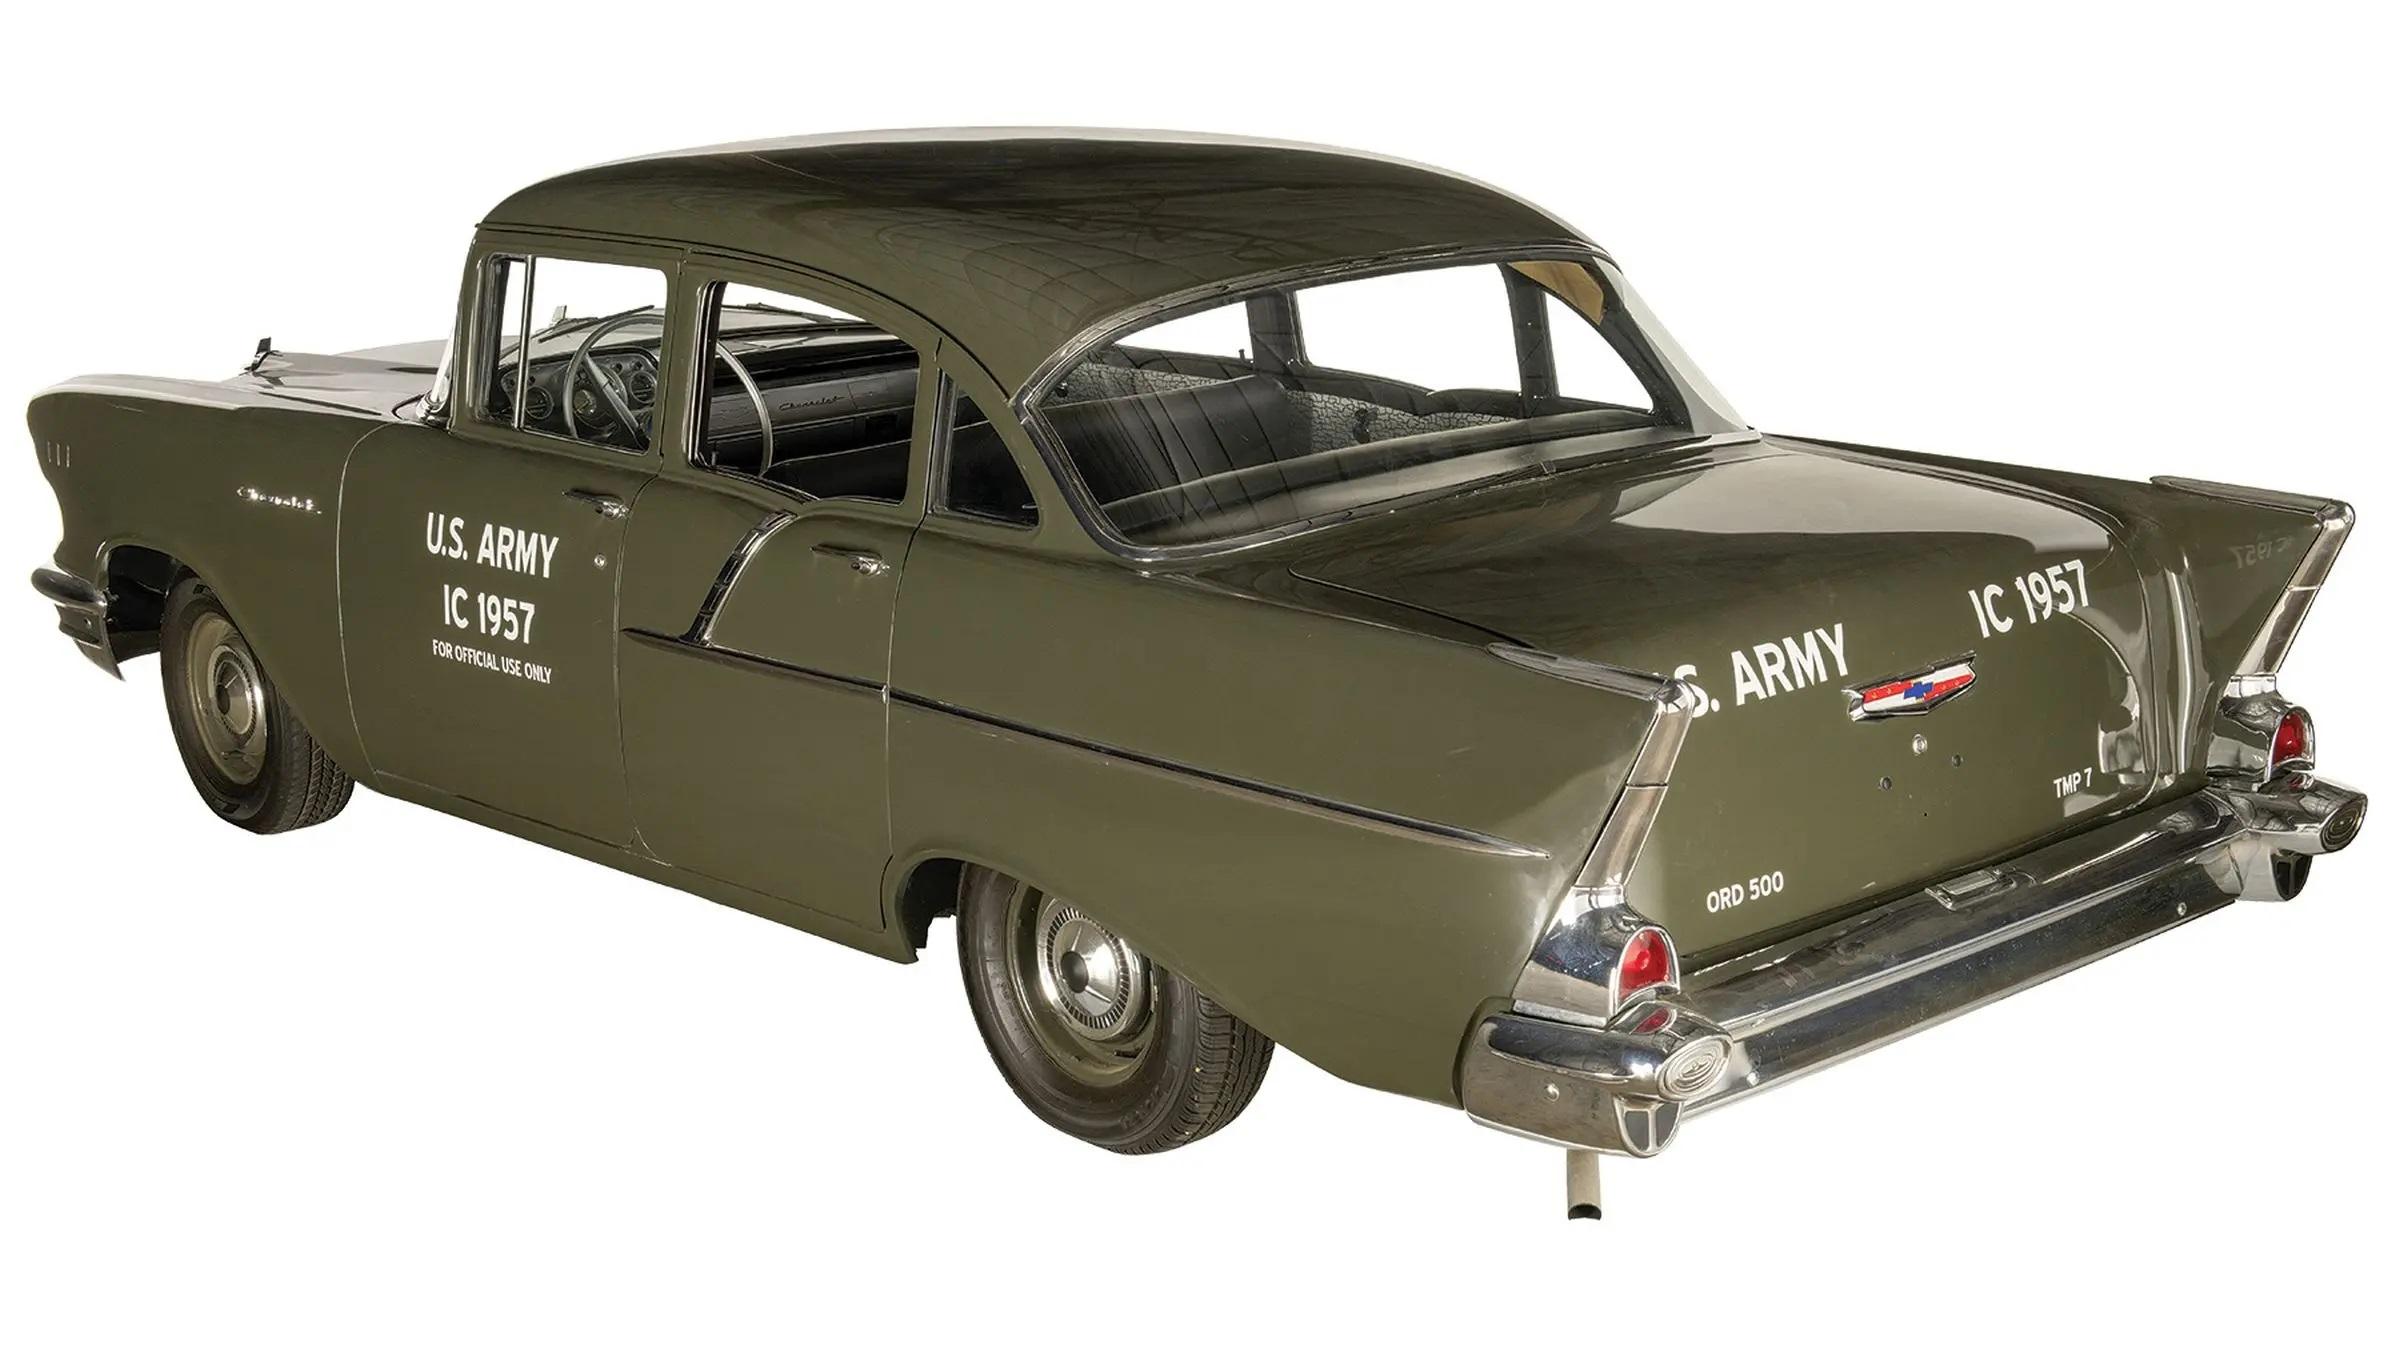 1957 Chevrolet Model 1503 Military Staff Car rear 3/4